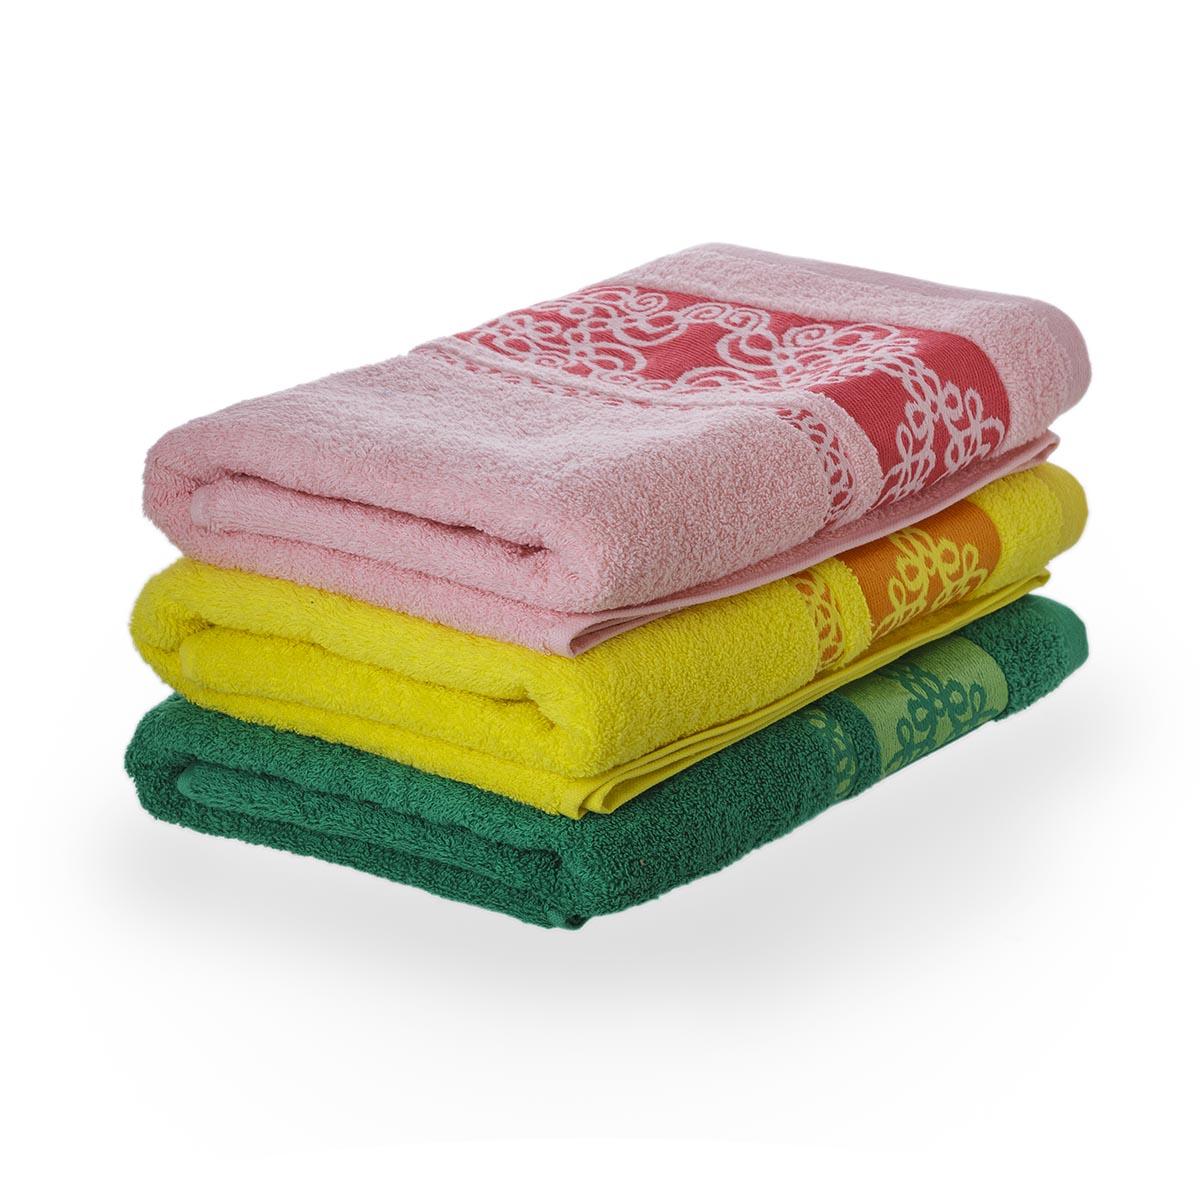 Полотенце Узор, цвет Персиковый, размер 30х60 смМахровые полотенца<br>Плотность ткани:420 г/кв. м.<br><br>Тип: Полотенце<br>Размер: 30х60<br>Материал: Махра